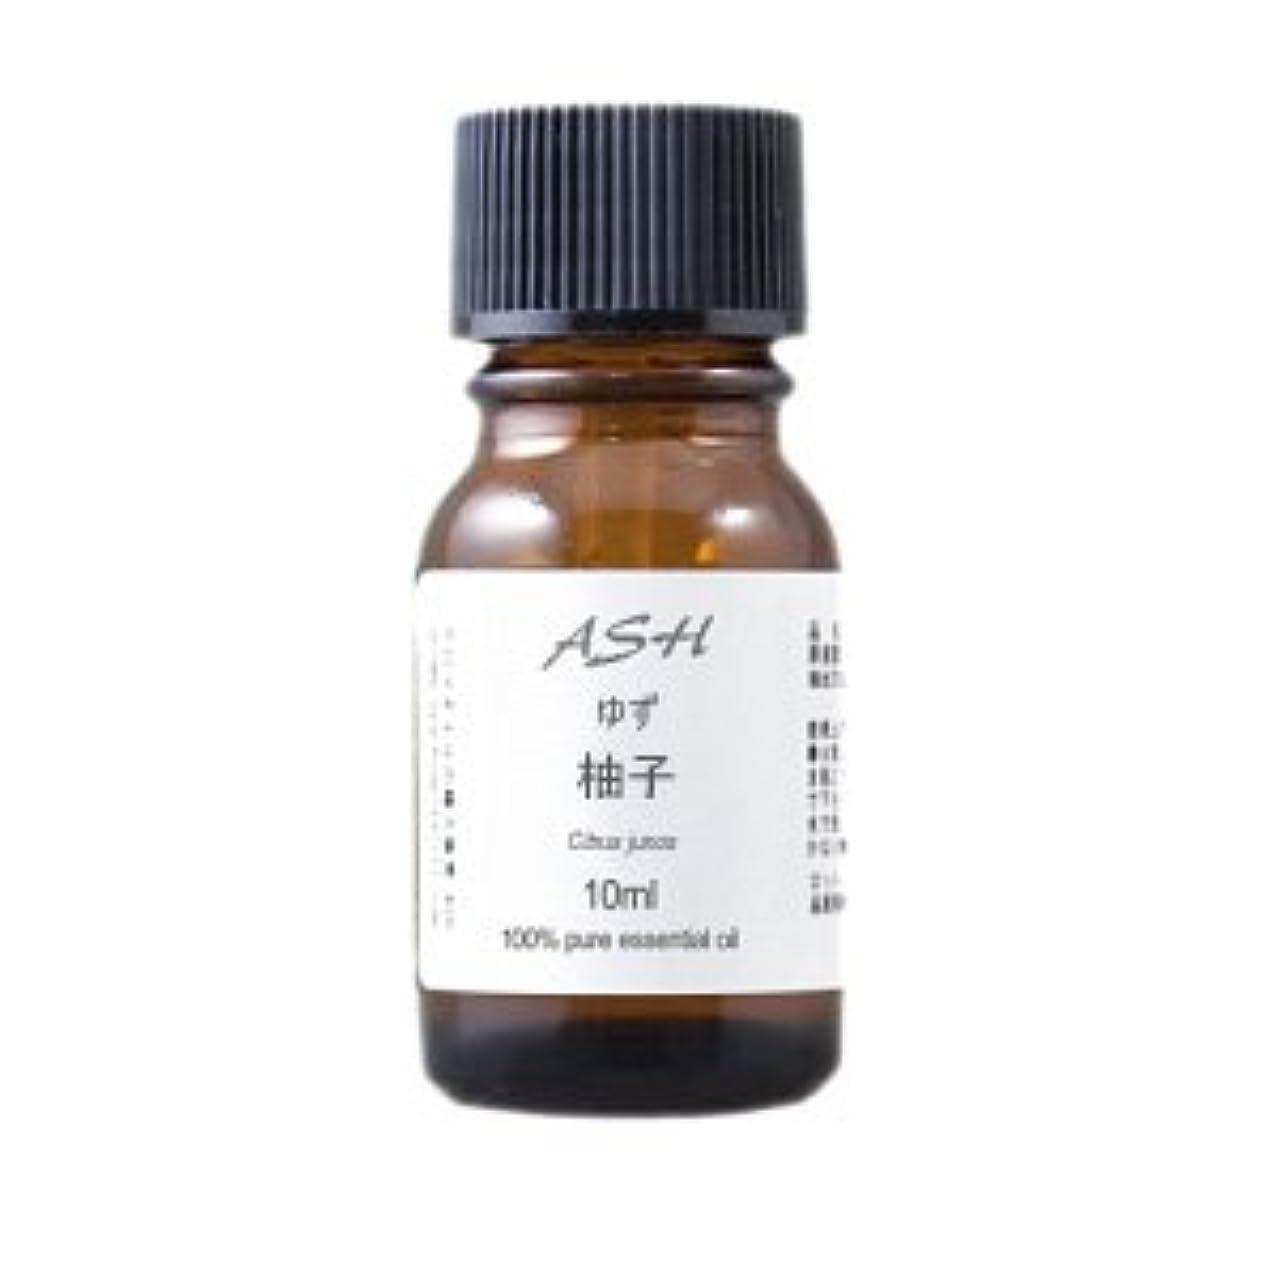 用心深いスロット通行人ASH 柚子 (ゆず) エッセンシャルオイル 10ml 【和精油】【Yuzu Essential Oil-Japan】 AEAJ表示基準適合認定精油